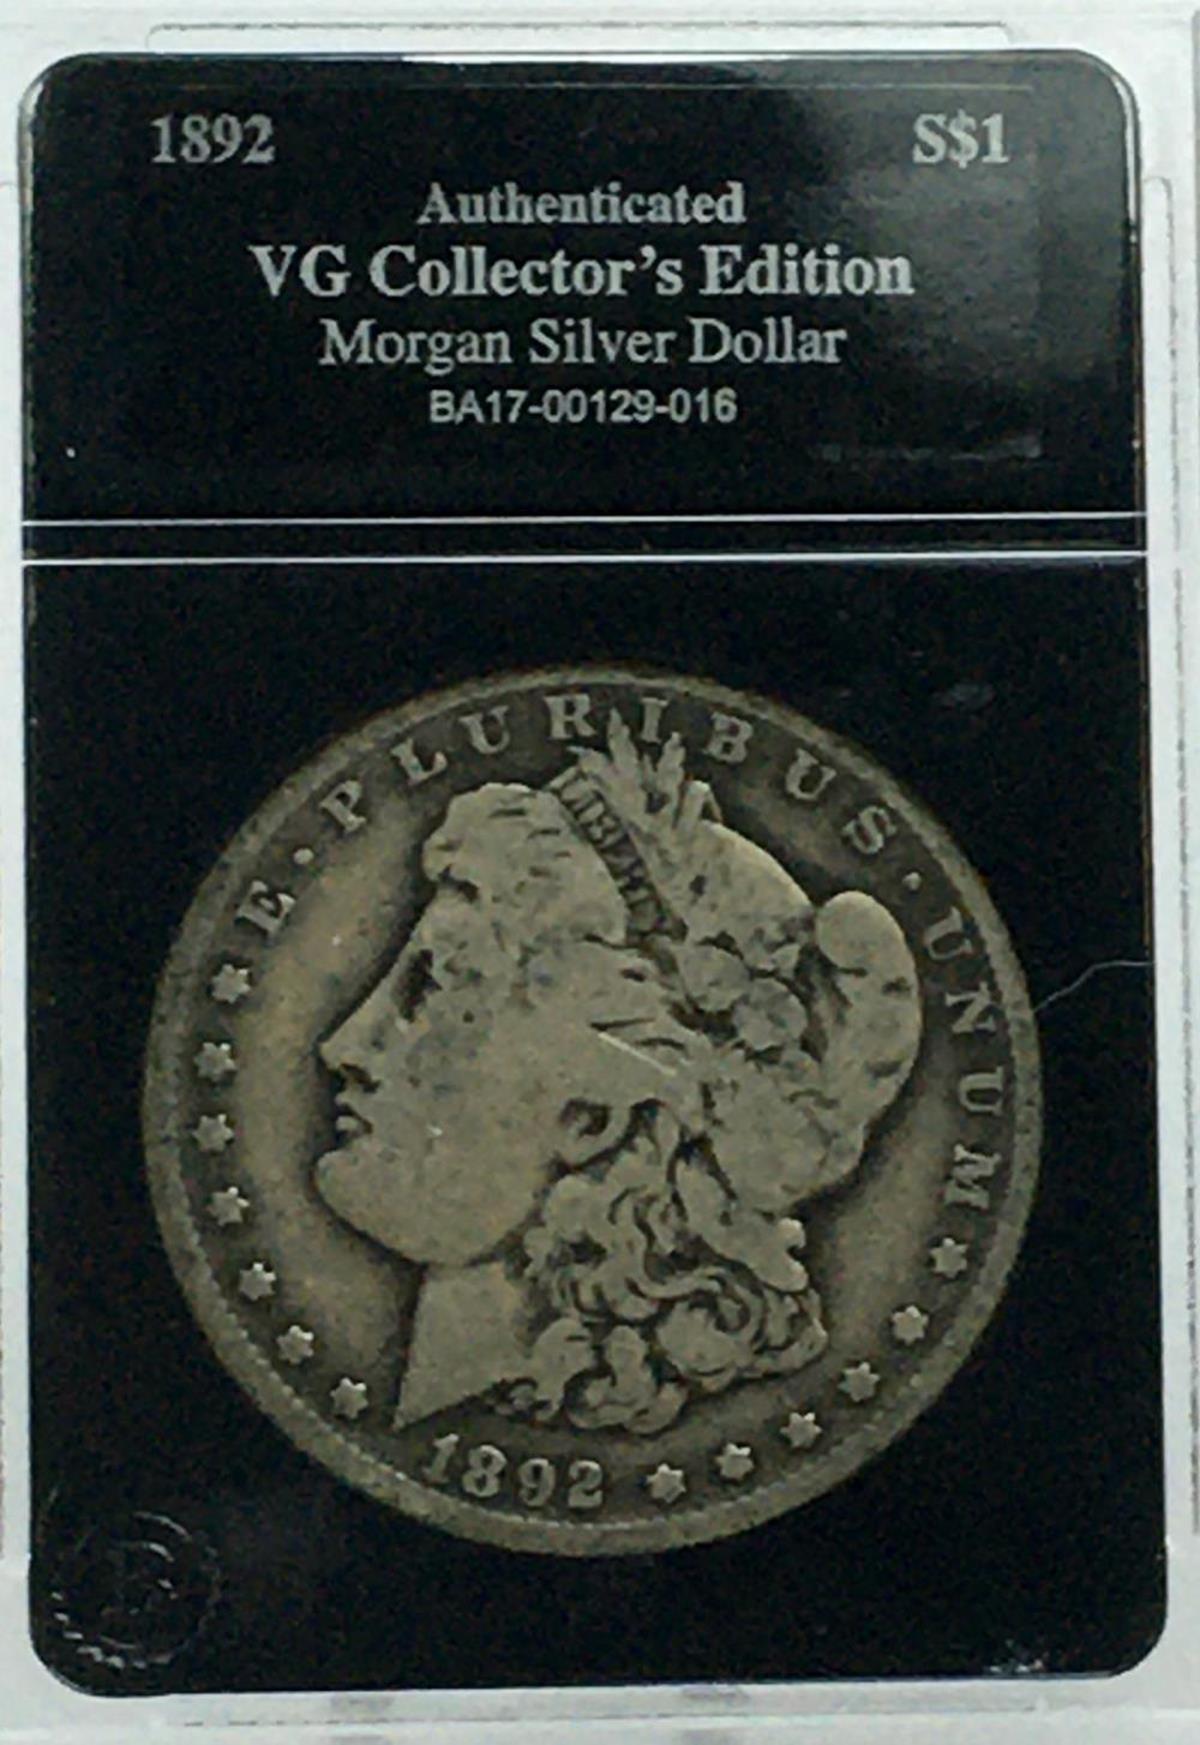 1892 US $1 Morgan Silver Dollar GRADED